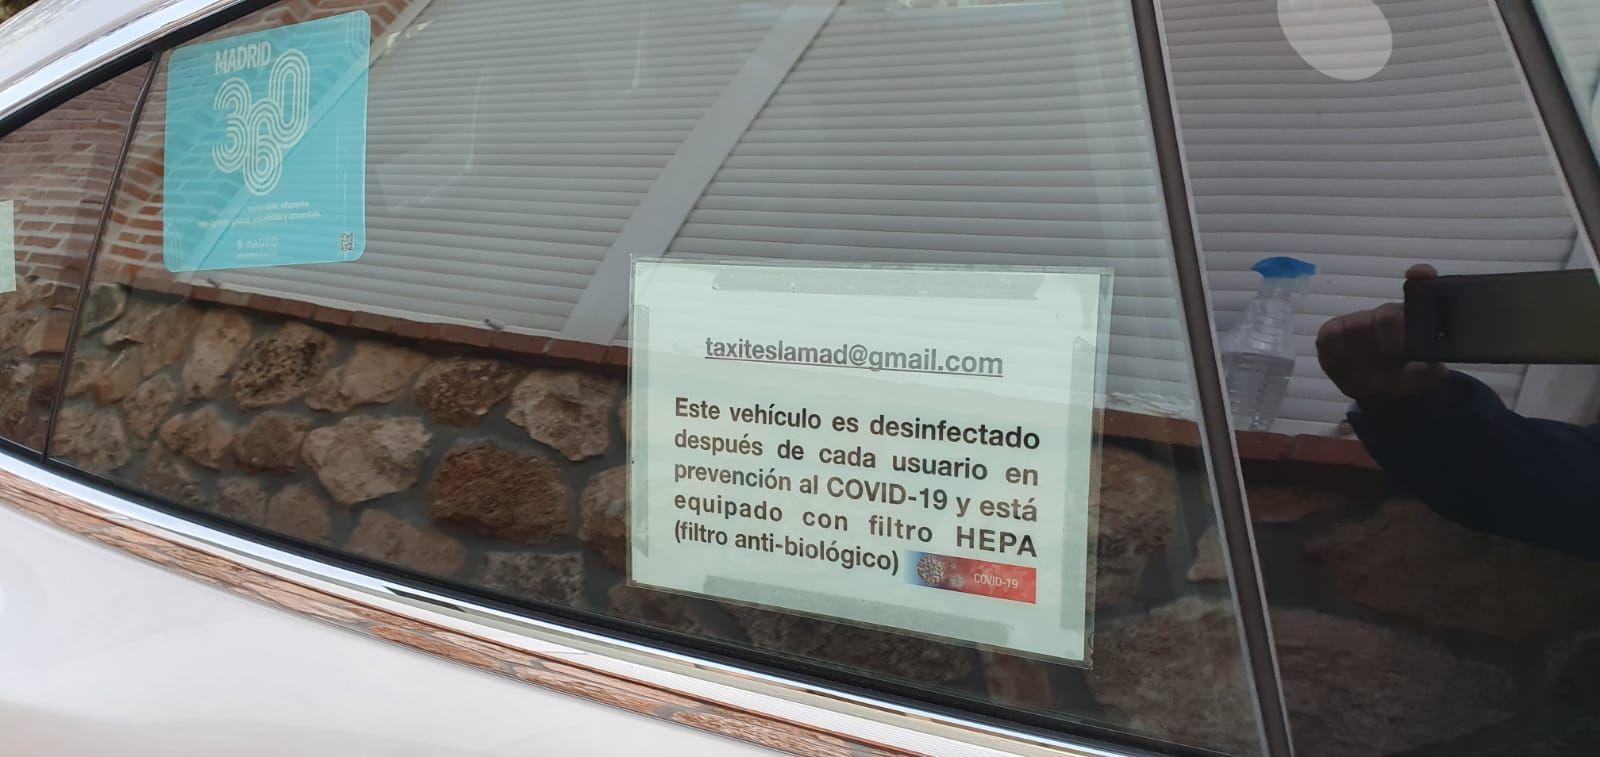 En taxi Tesla Los peñascales tomamos medidas contra el CORONAVIRUS. Es desinfectado después de cada usuario